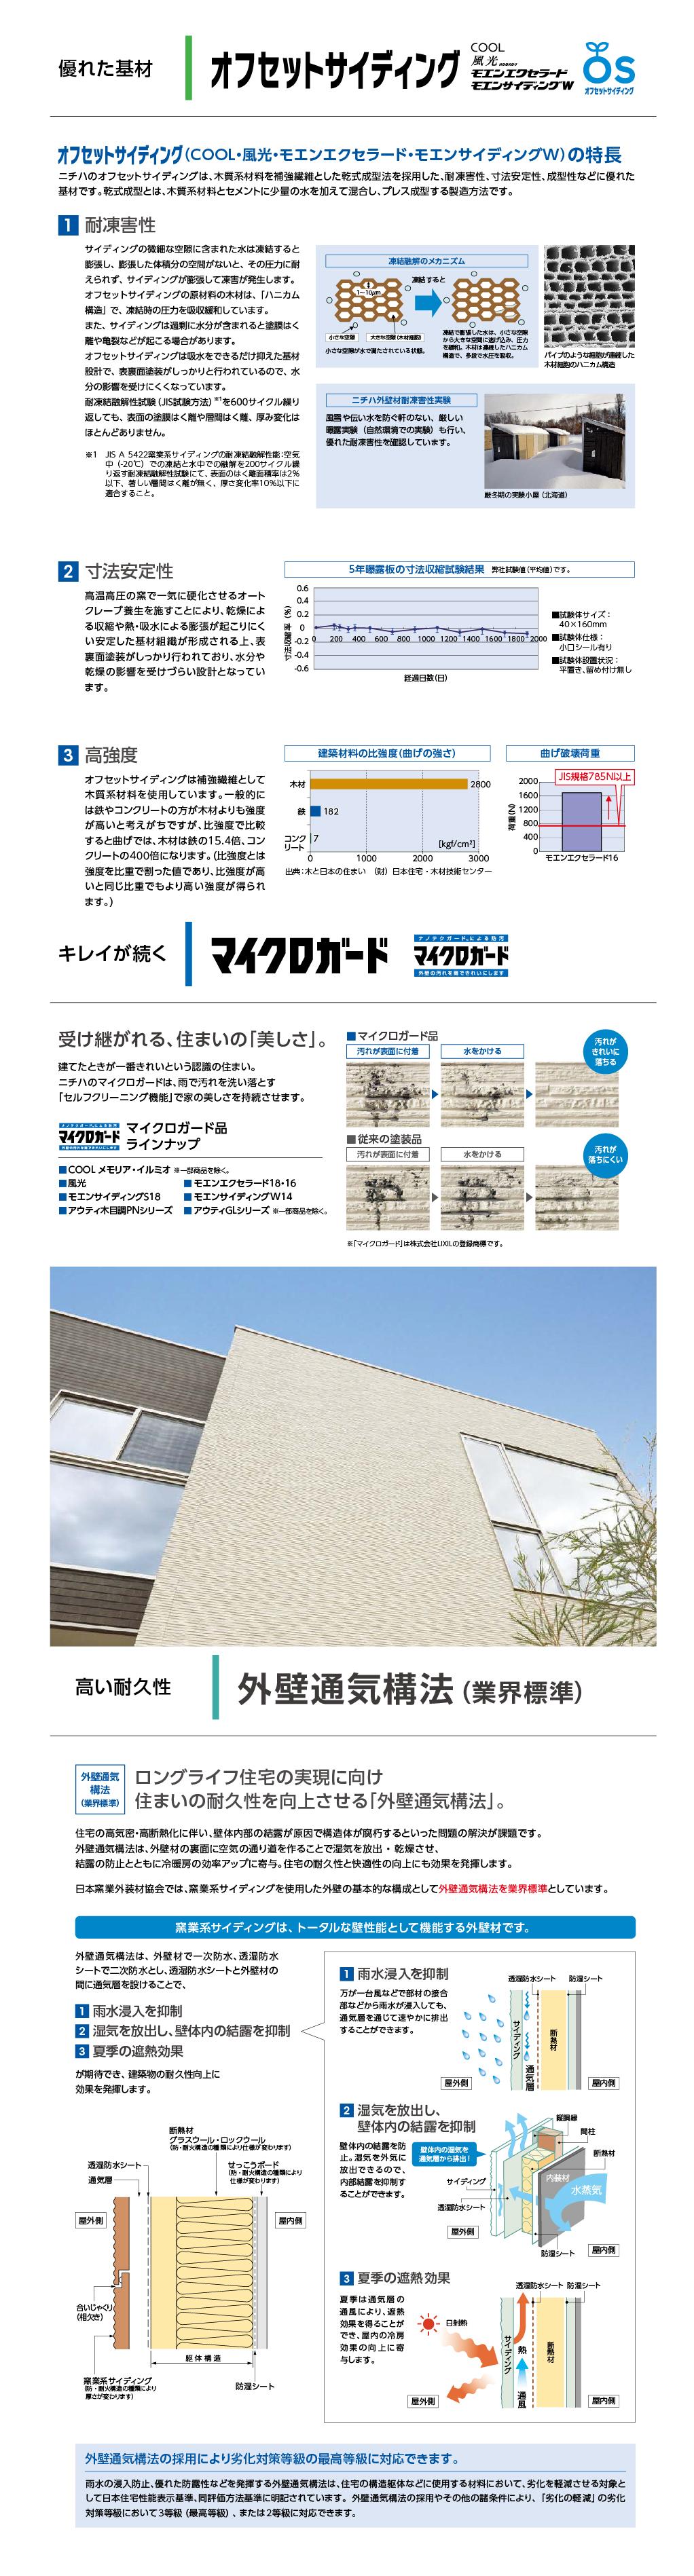 優れた基材オフセットサイディングの特徴ときれいが続く外壁マイクロガード、高い耐久性外壁構造のパンフレット